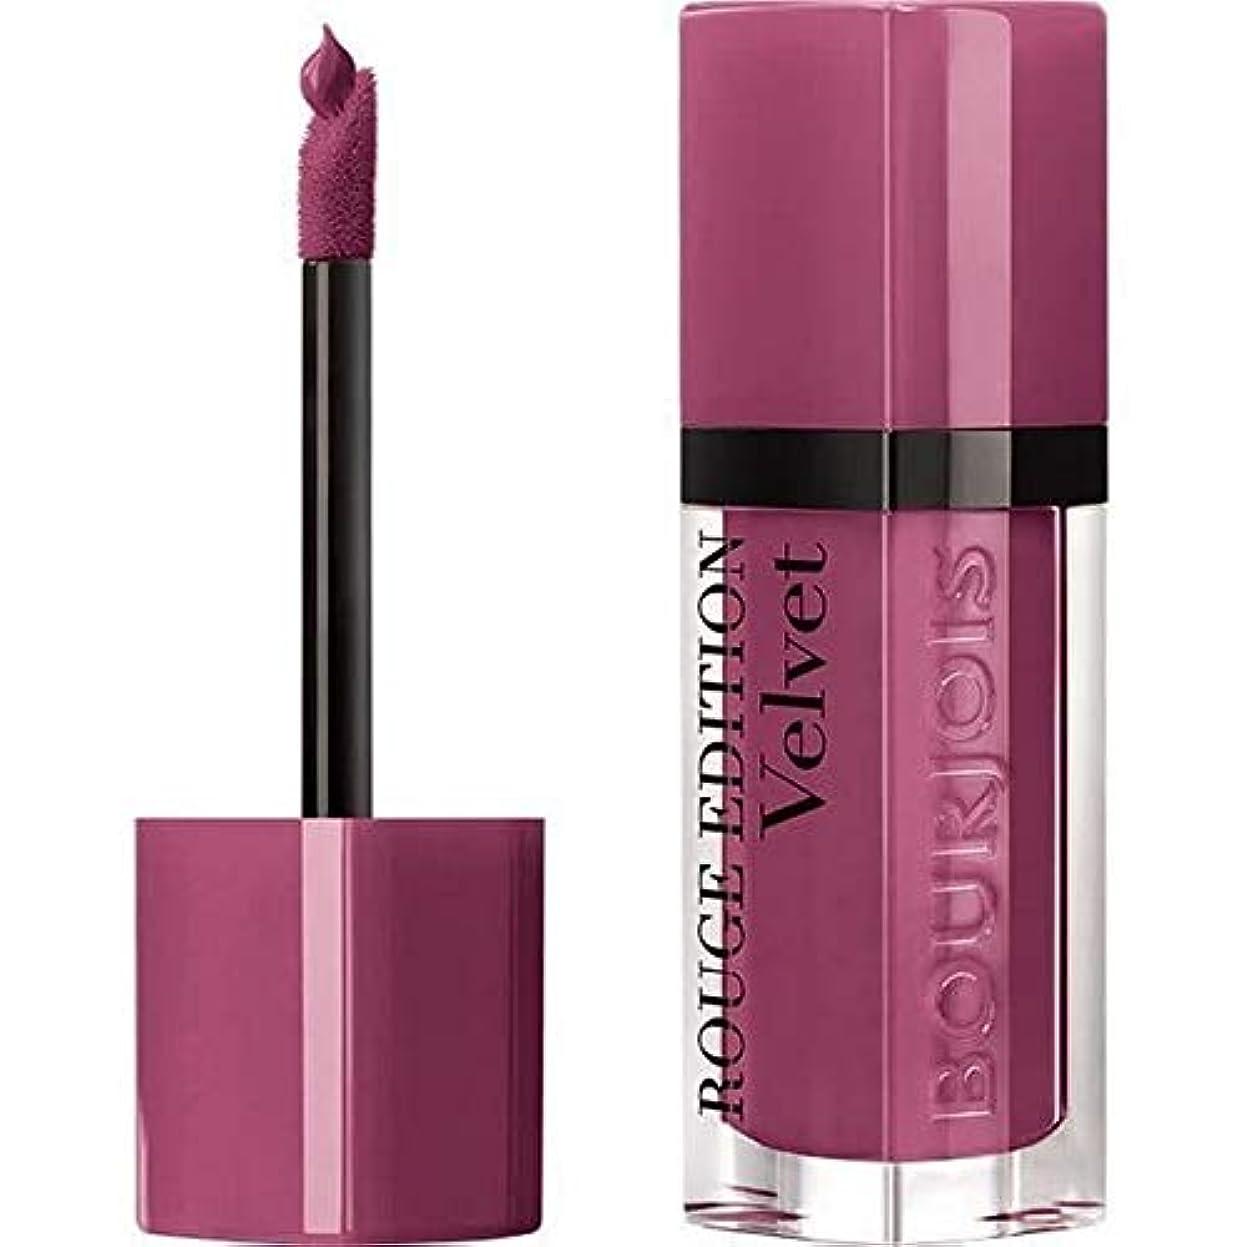 のため本質的ではない限界[Bourjois ] 藤色36でブルジョワ液状口紅ルージュ版のベルベット - Bourjois Liquid Lipstick Rouge Edition Velvet In Mauve 36 [並行輸入品]